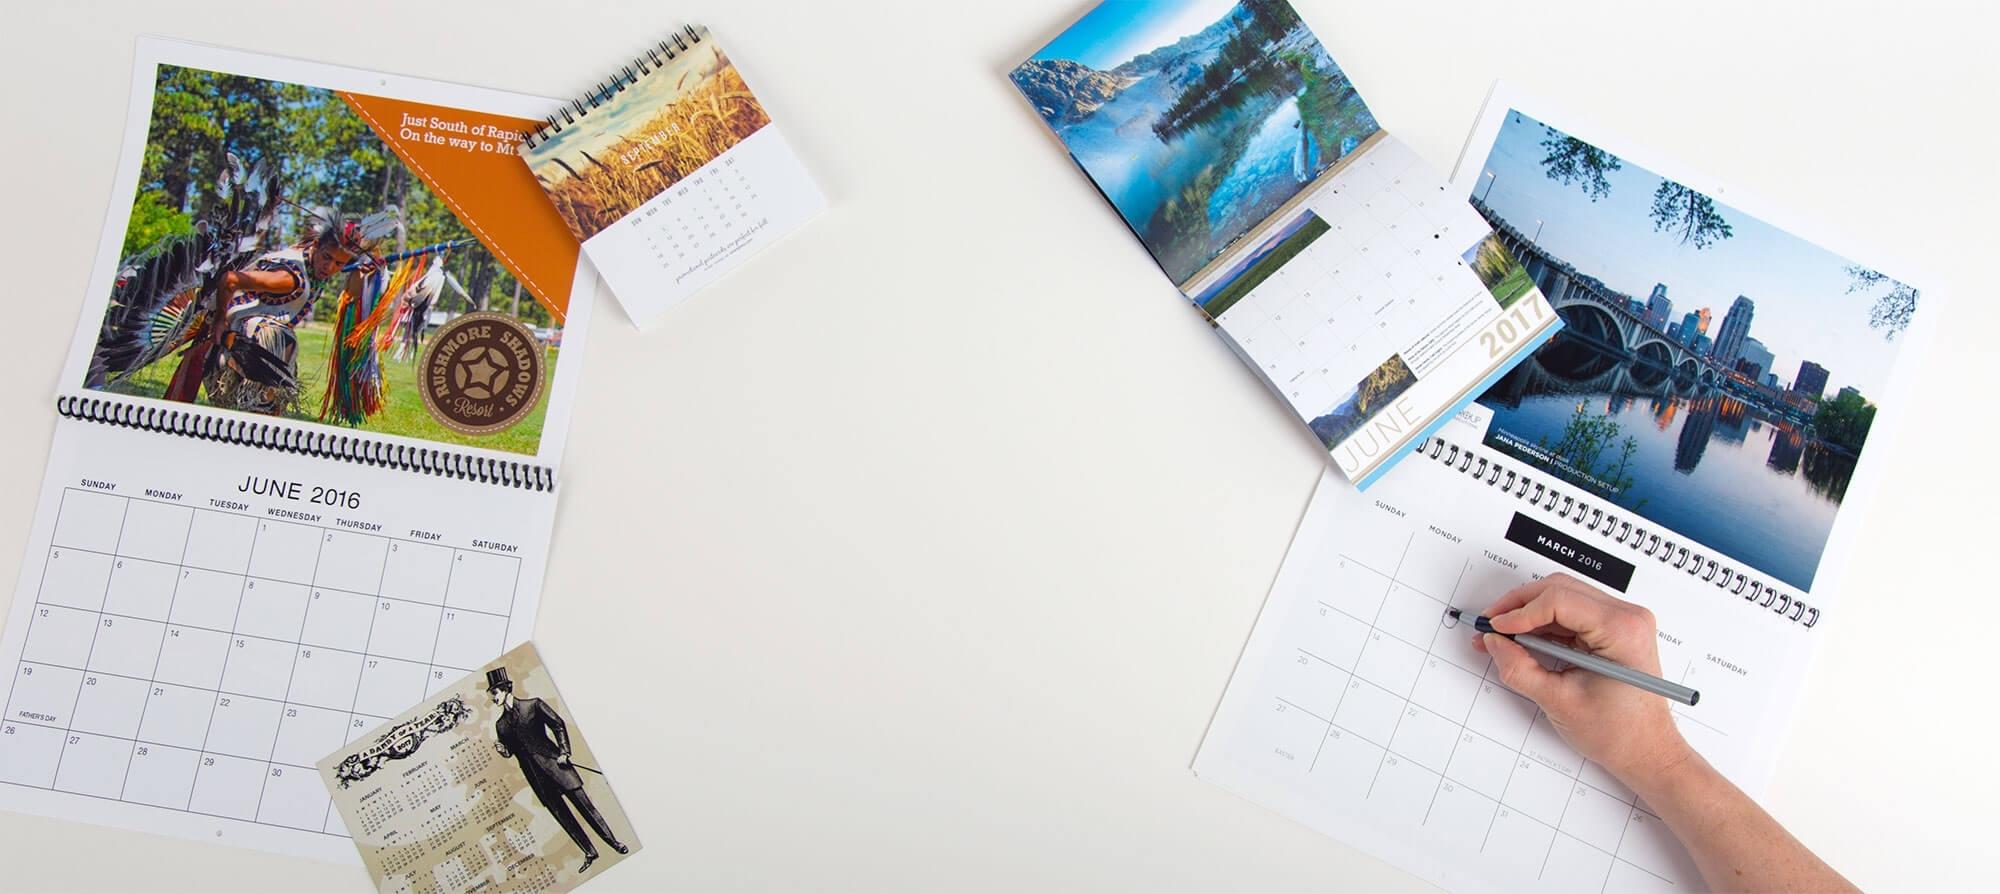 Custom Calendar Printing | Personalized Calendars | Smartpress The Calendar Printing Company